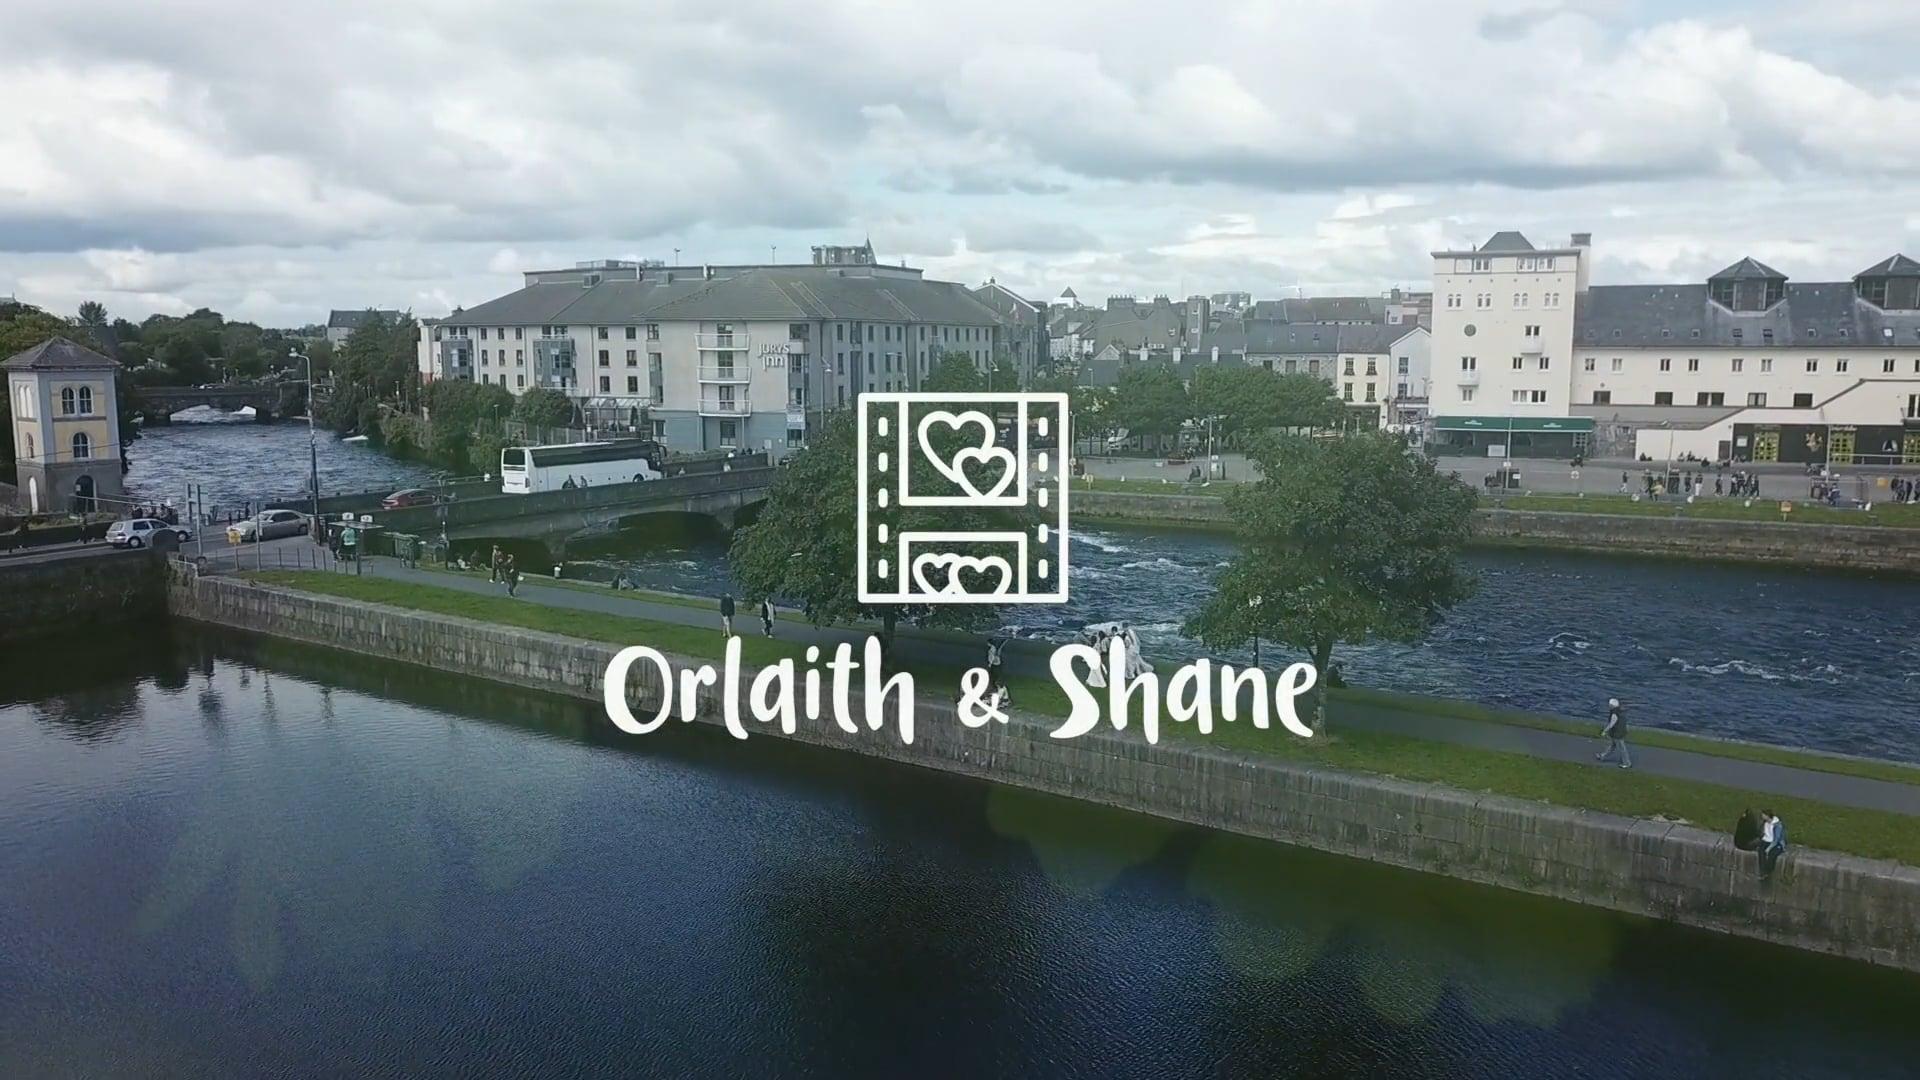 Orlaith & Shane's Instagram Film